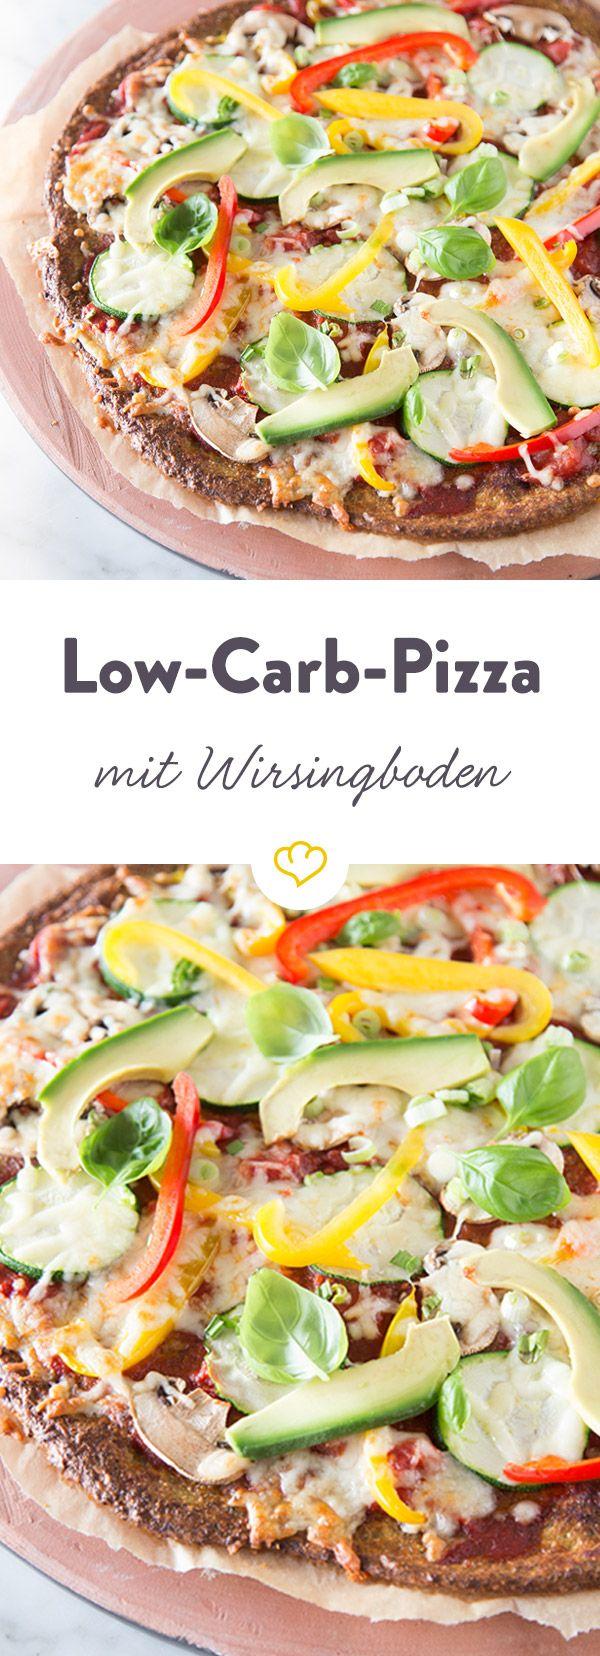 Ein Boden aus Grünkohl, Ei, Käse und geschroteten Leinsamen, belegt mit buntem Gemüse - diese Pizza macht Vegetarier, sowie Low Carber satt und glücklich.